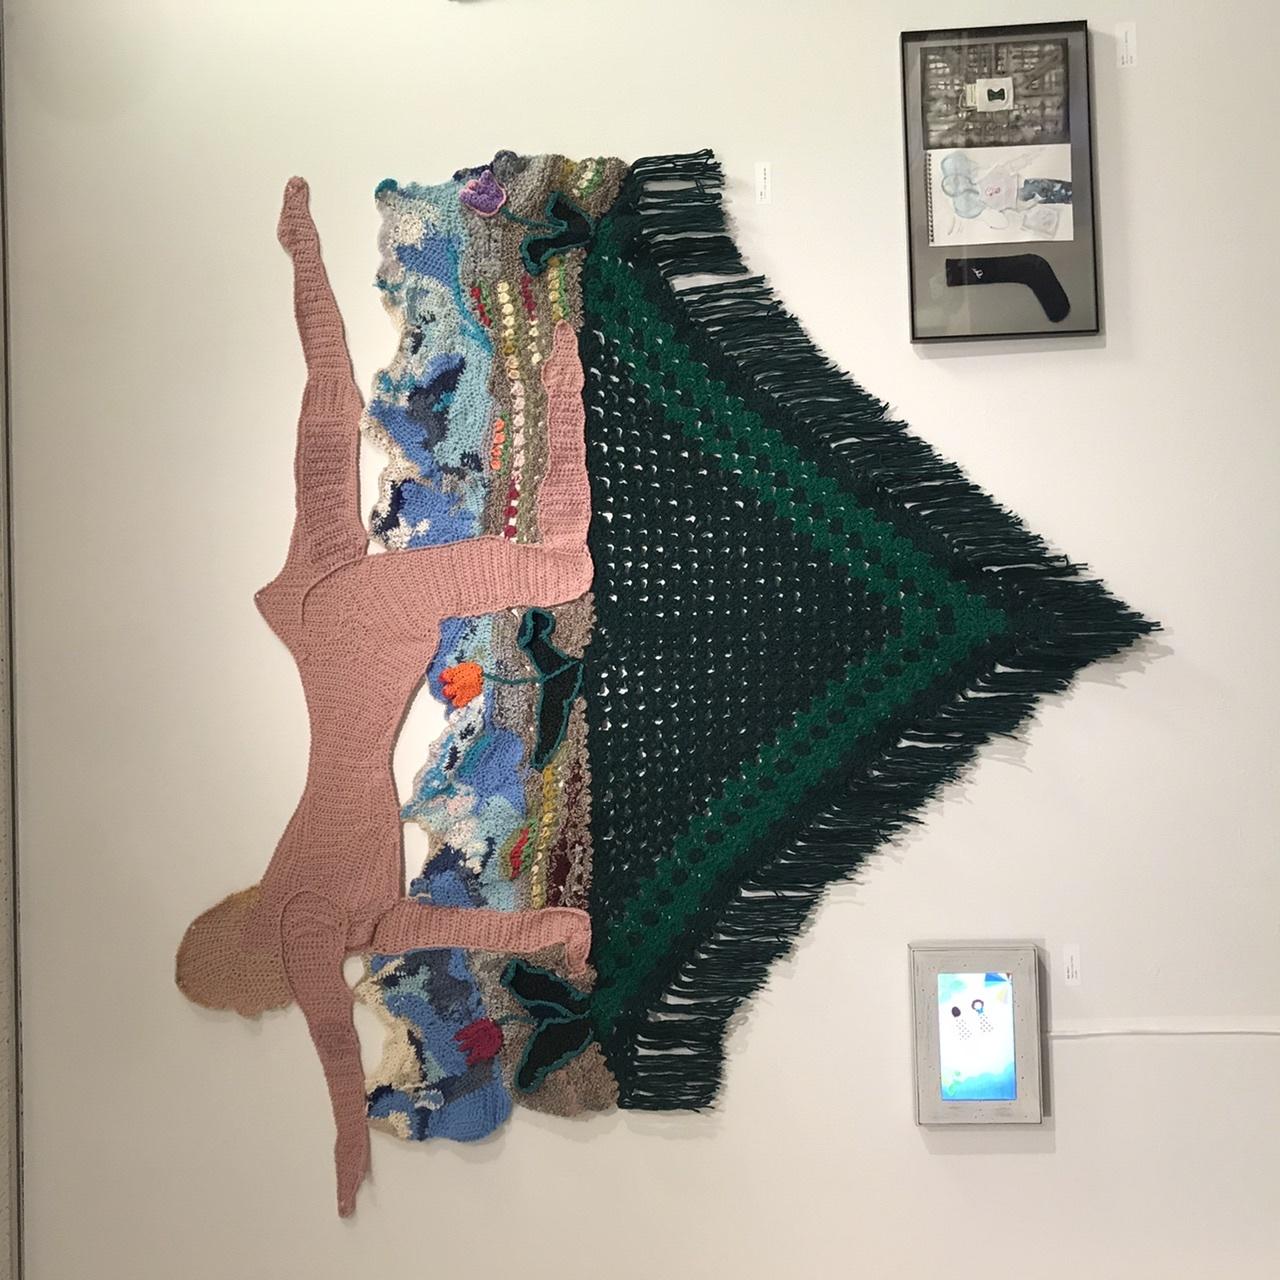 @KCUAギャラリー「おかんアートと現代アートをいっしょに展示する企画展」_f0189227_21101745.jpeg